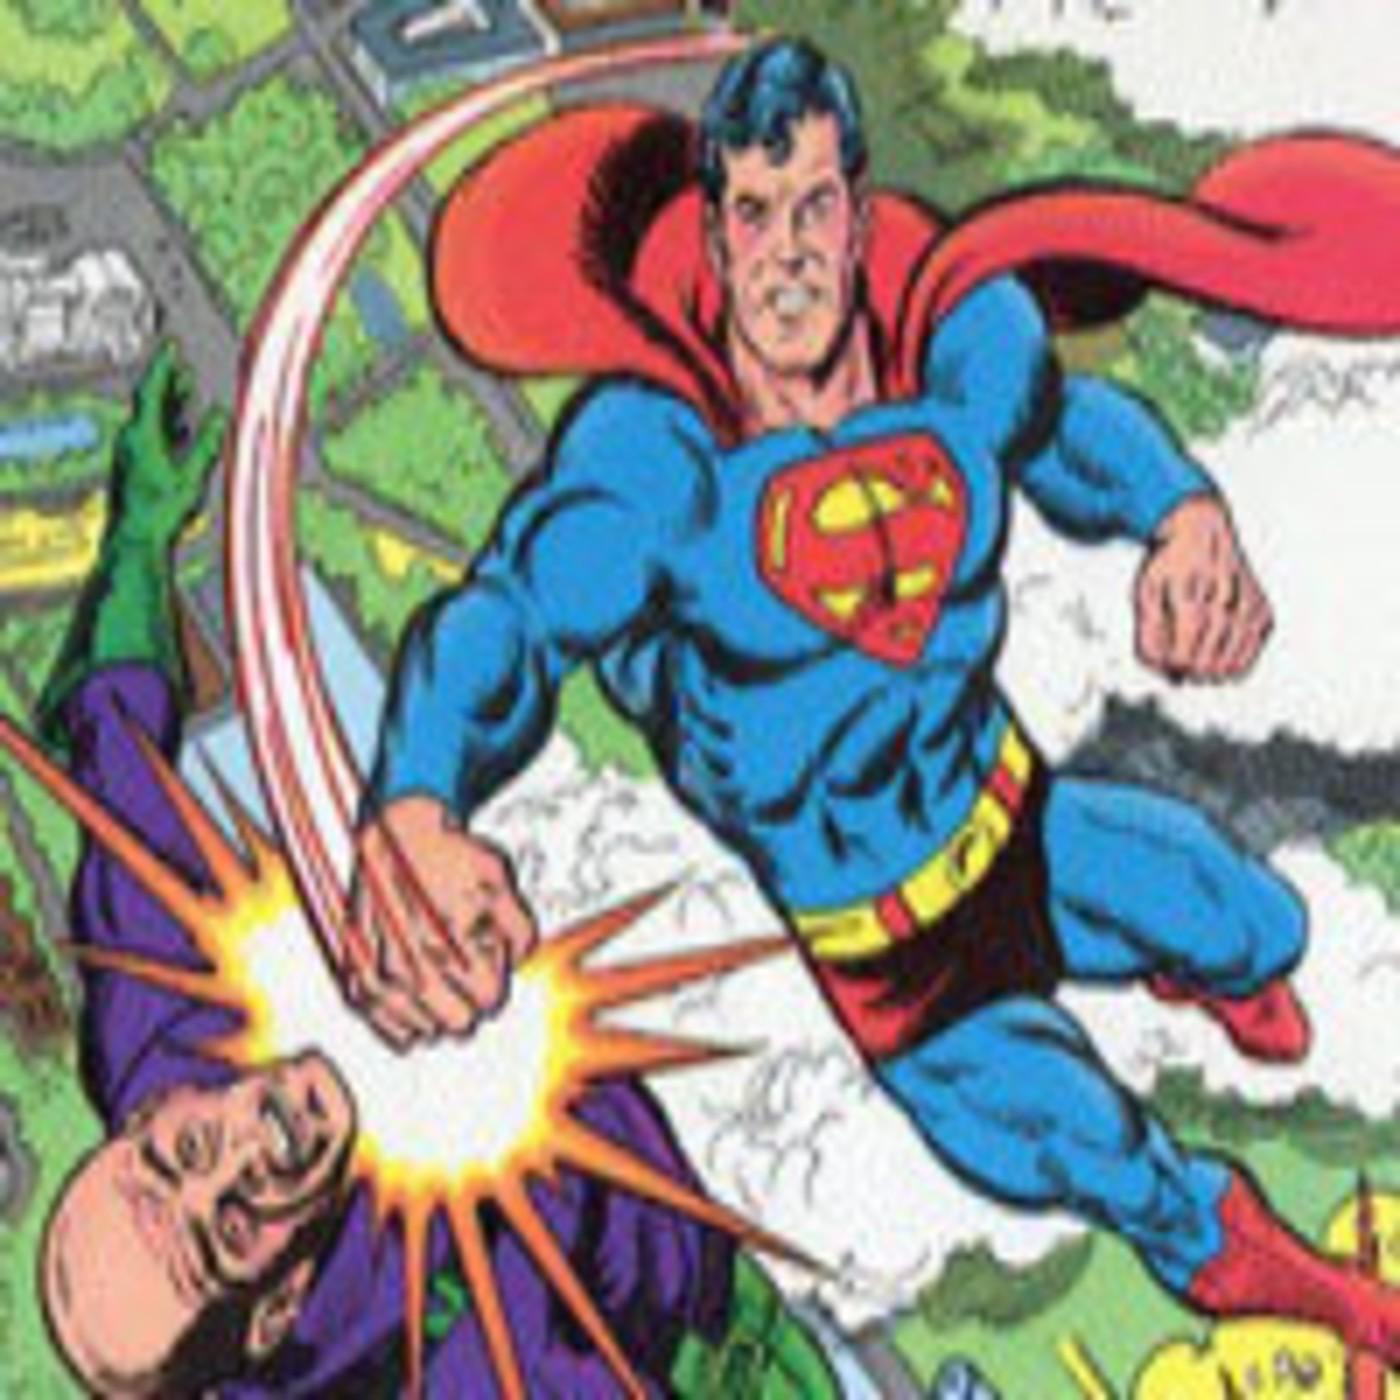 Charrando de tebeos episodio 37: Los mejores tebeos de Superman y las aventuras de Florita.